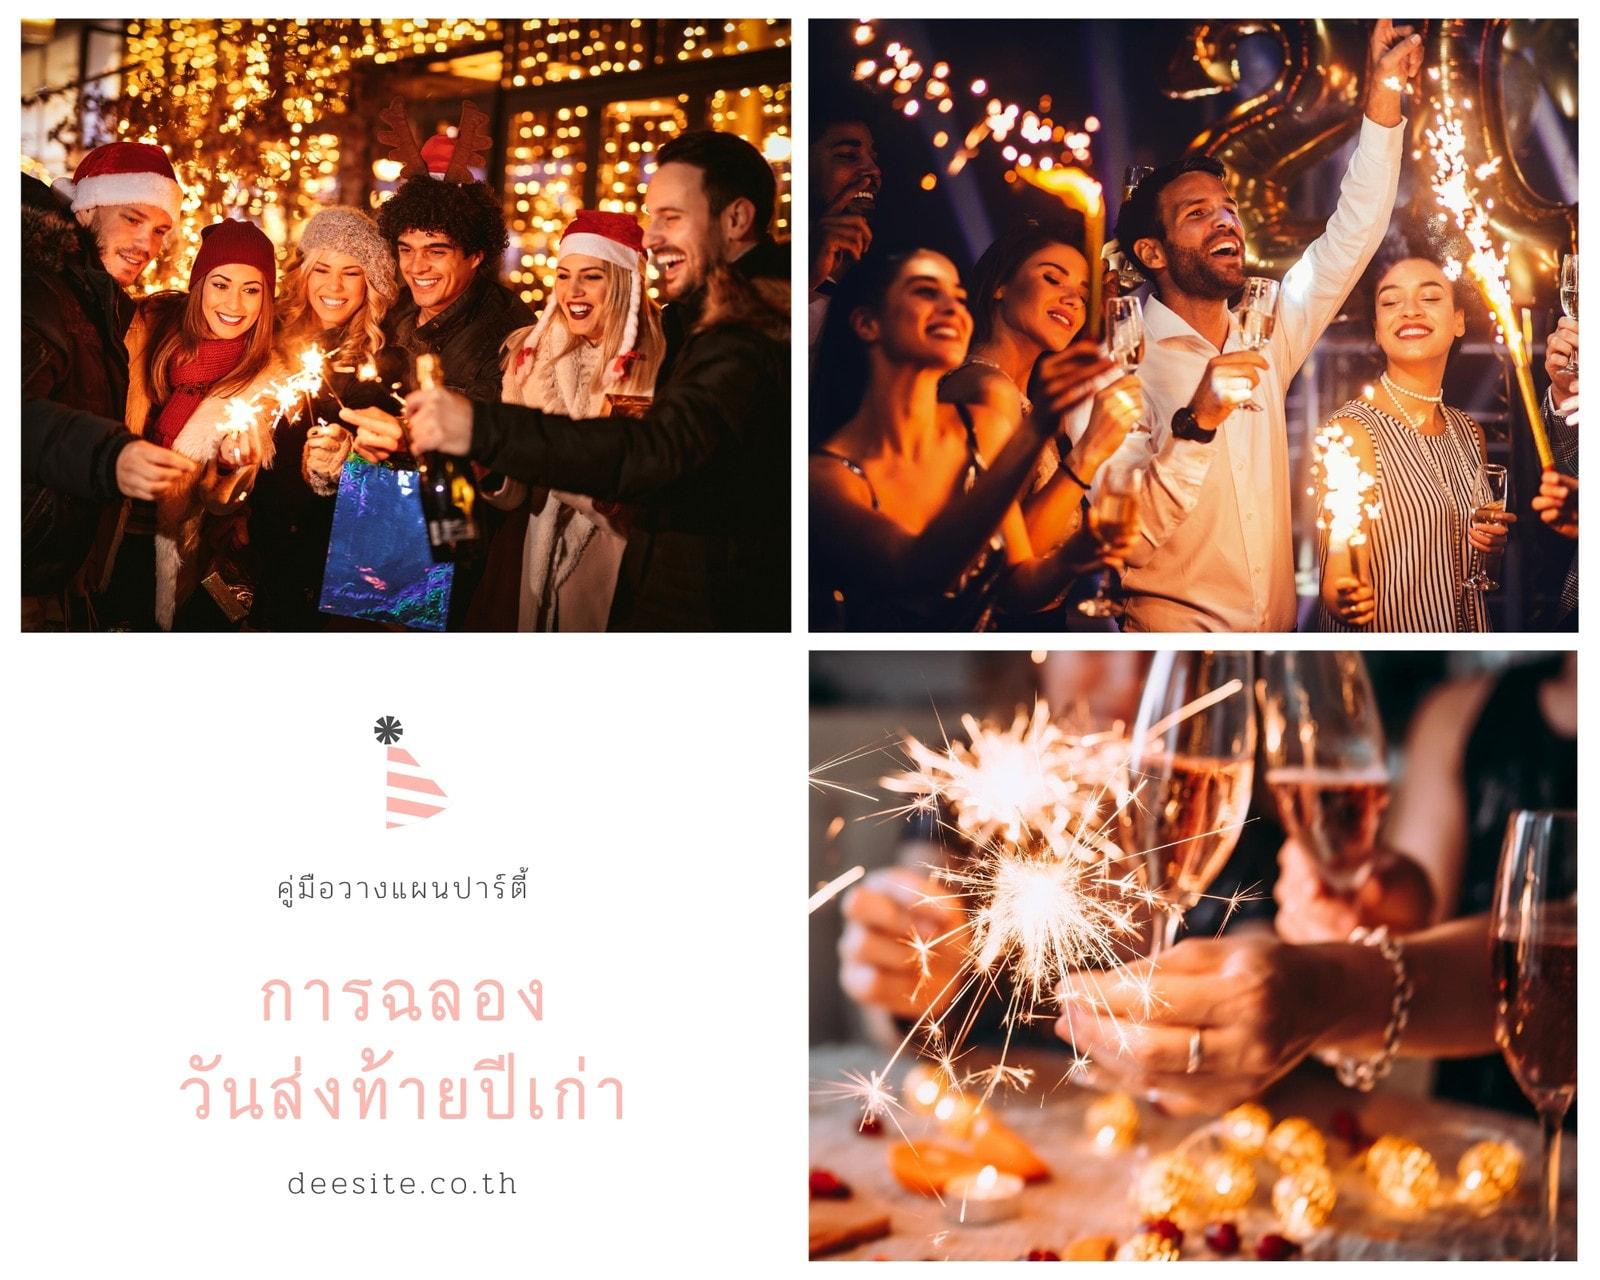 คอลลาจ ภาพถ่าย ปาร์ตี้ปีใหม่ สีชมพู